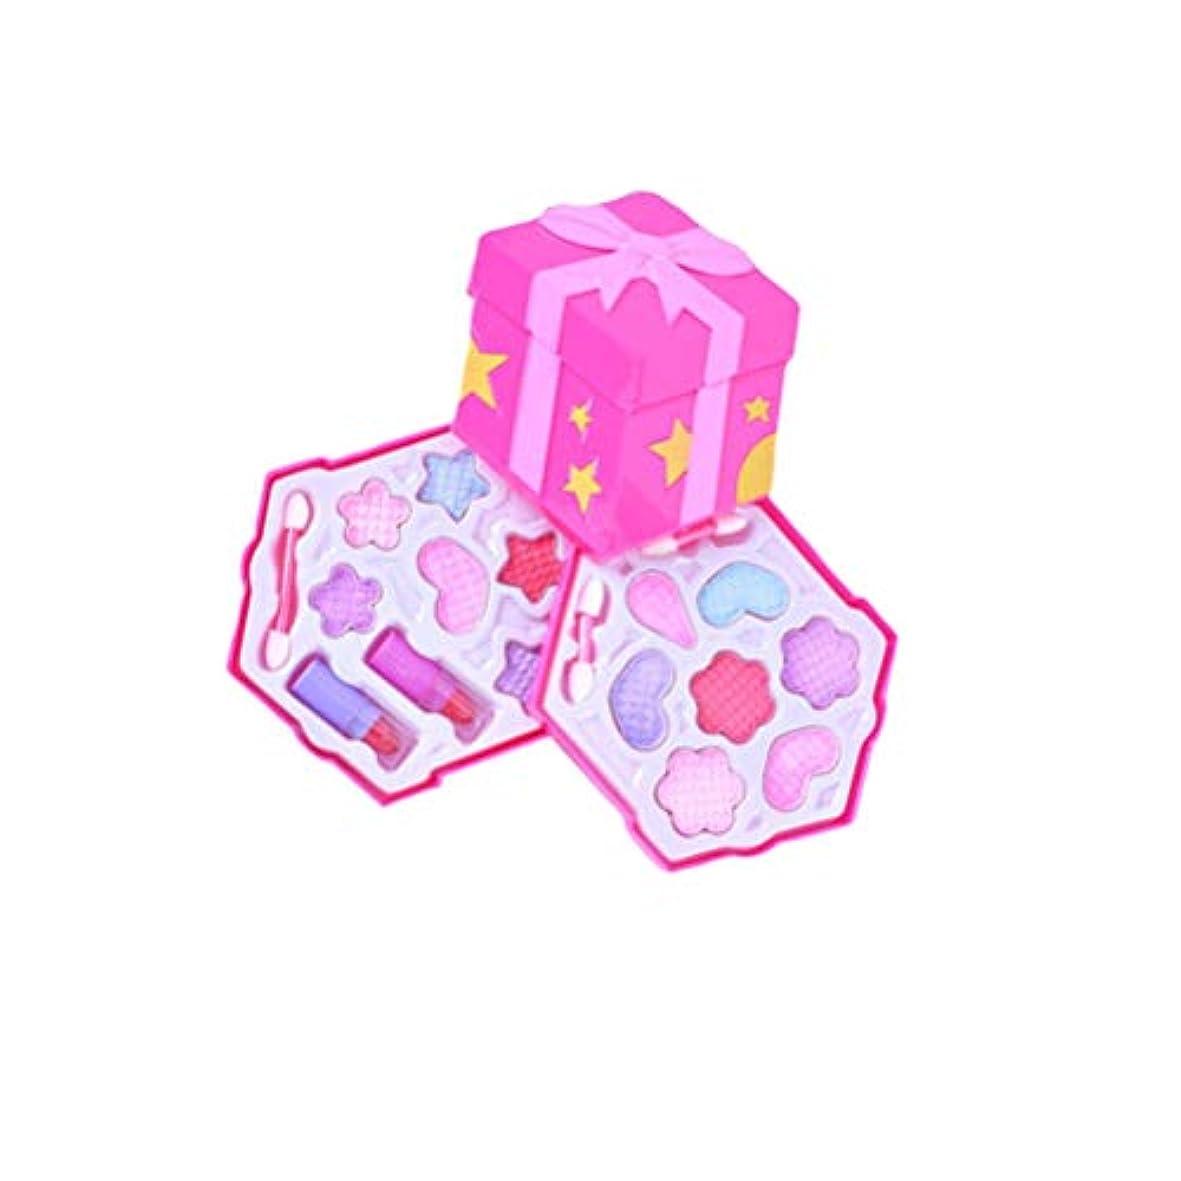 によって発表会社YeahiBaby 女の子化粧品プレイセットウォッシャブル非毒性プリンセスリアルメイクおもちゃキット付きケース